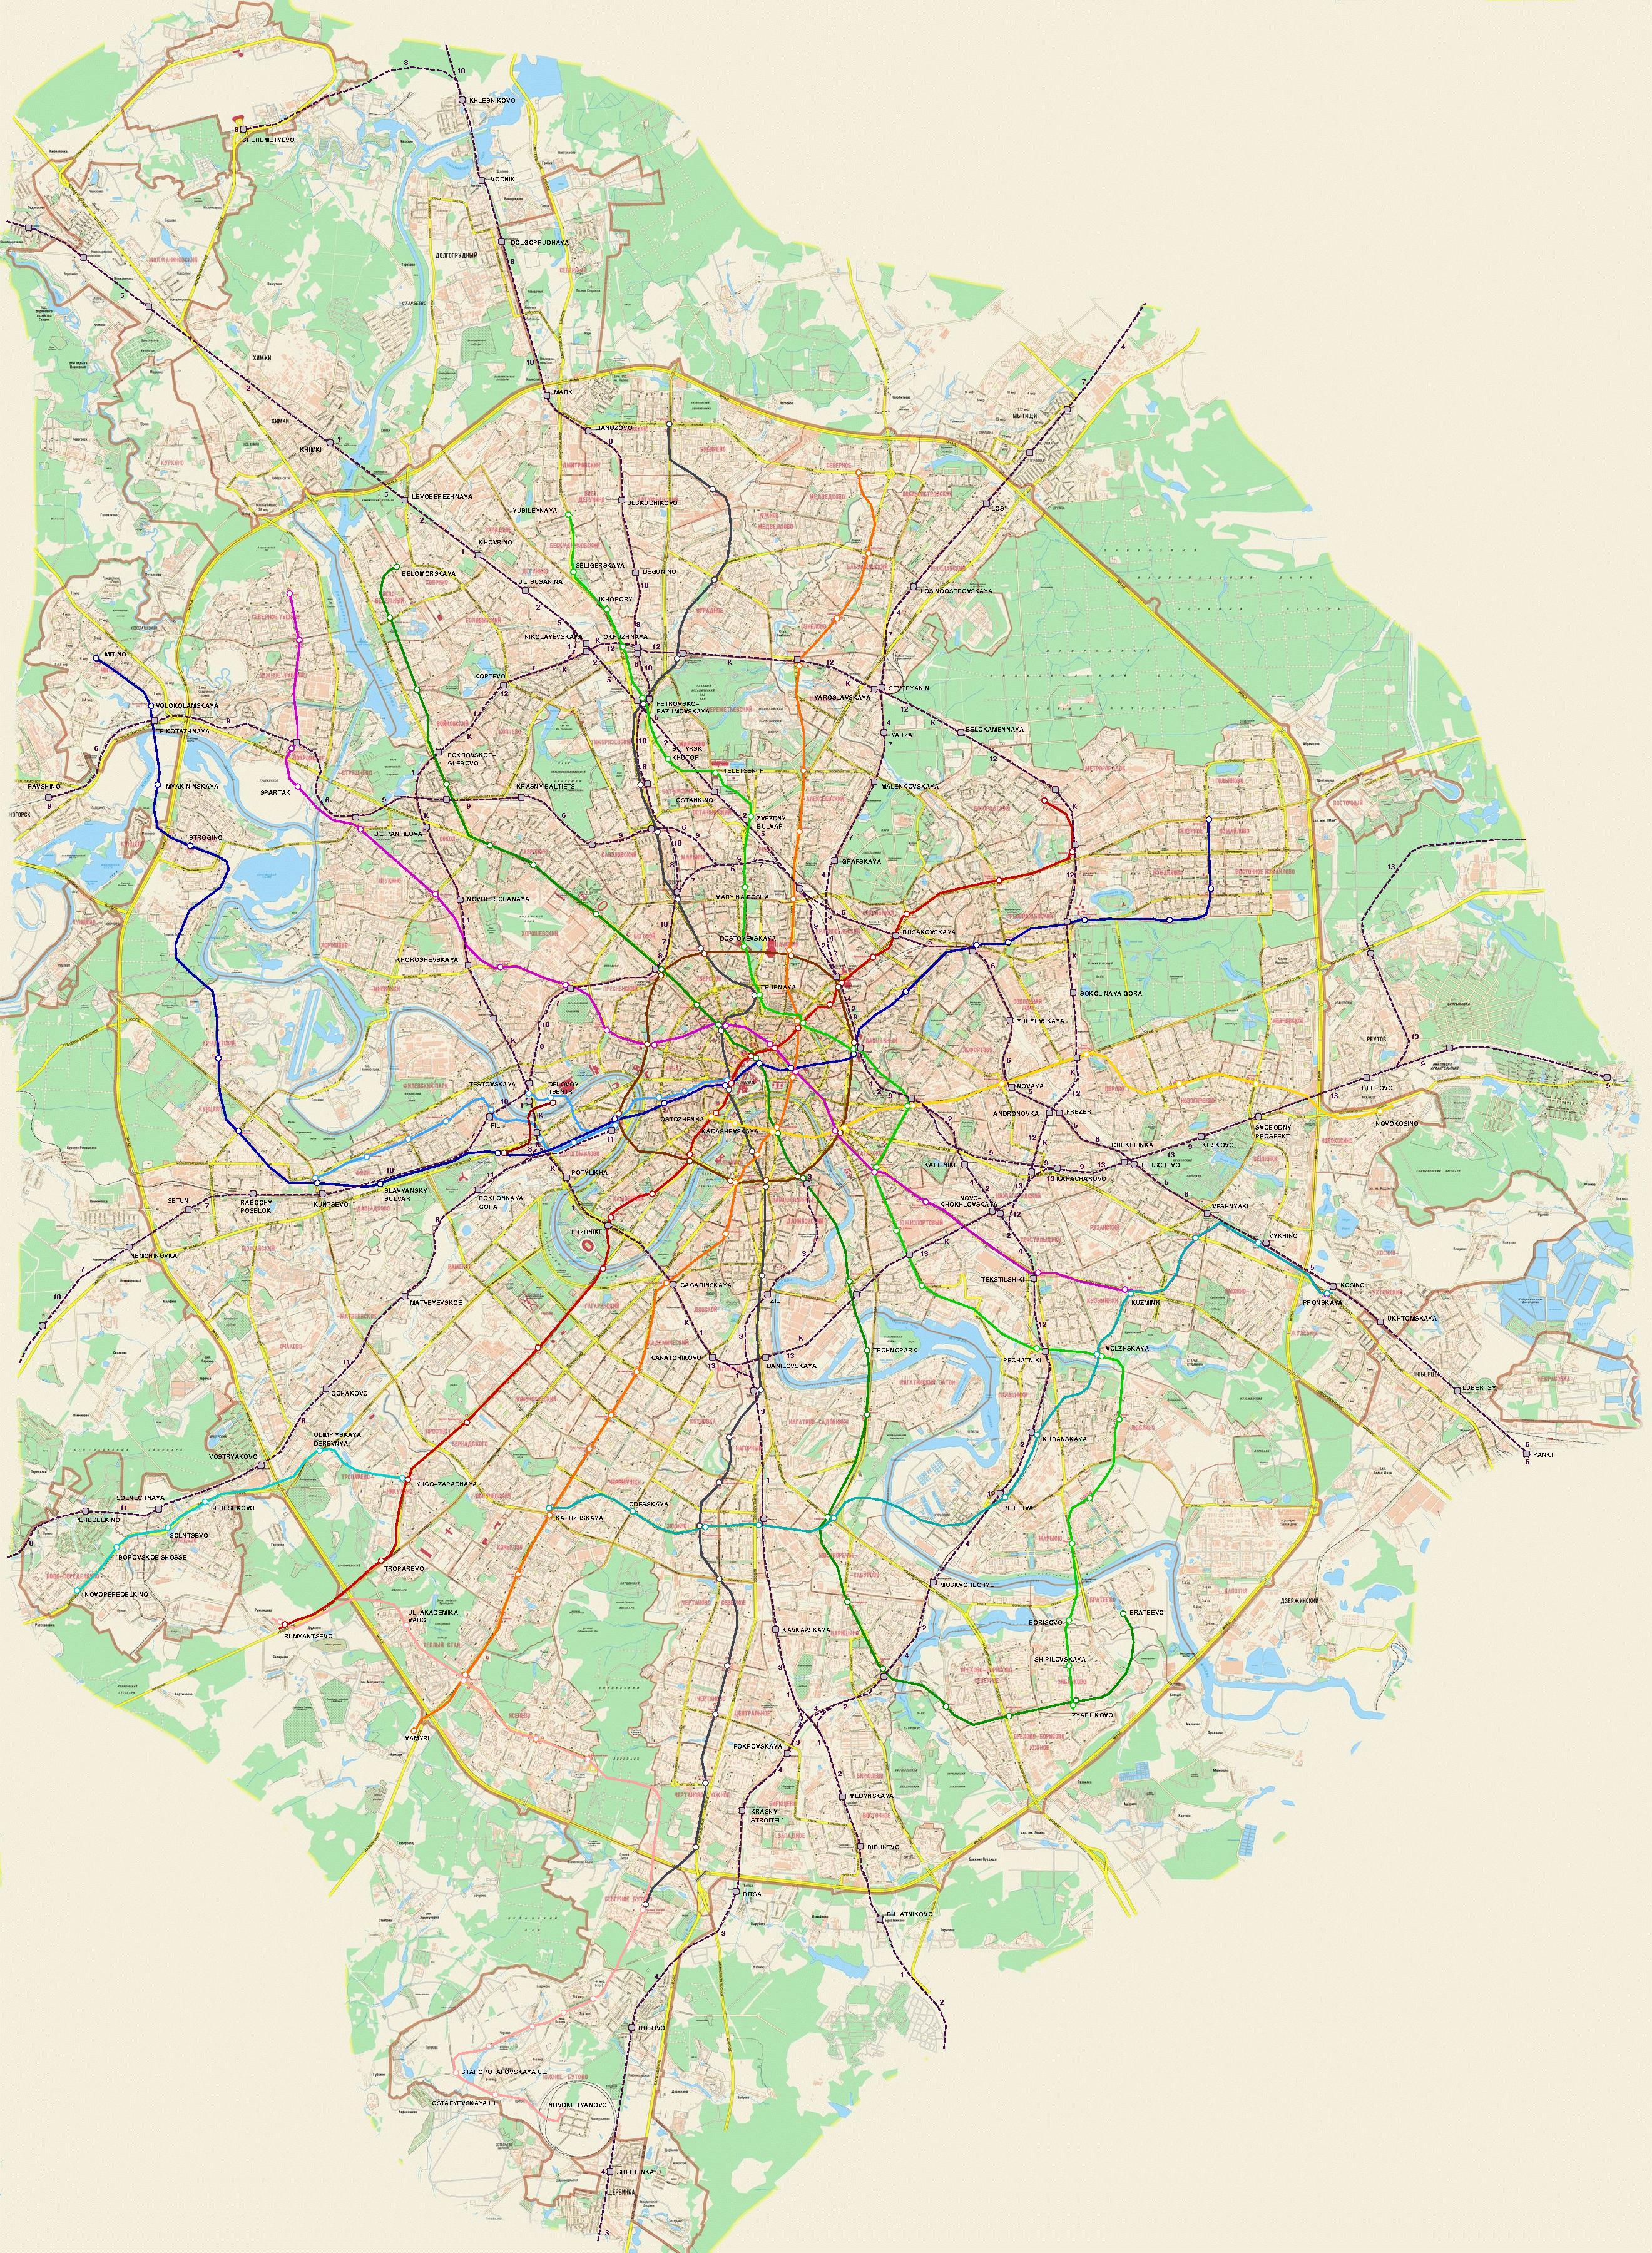 проект метро москвы схема